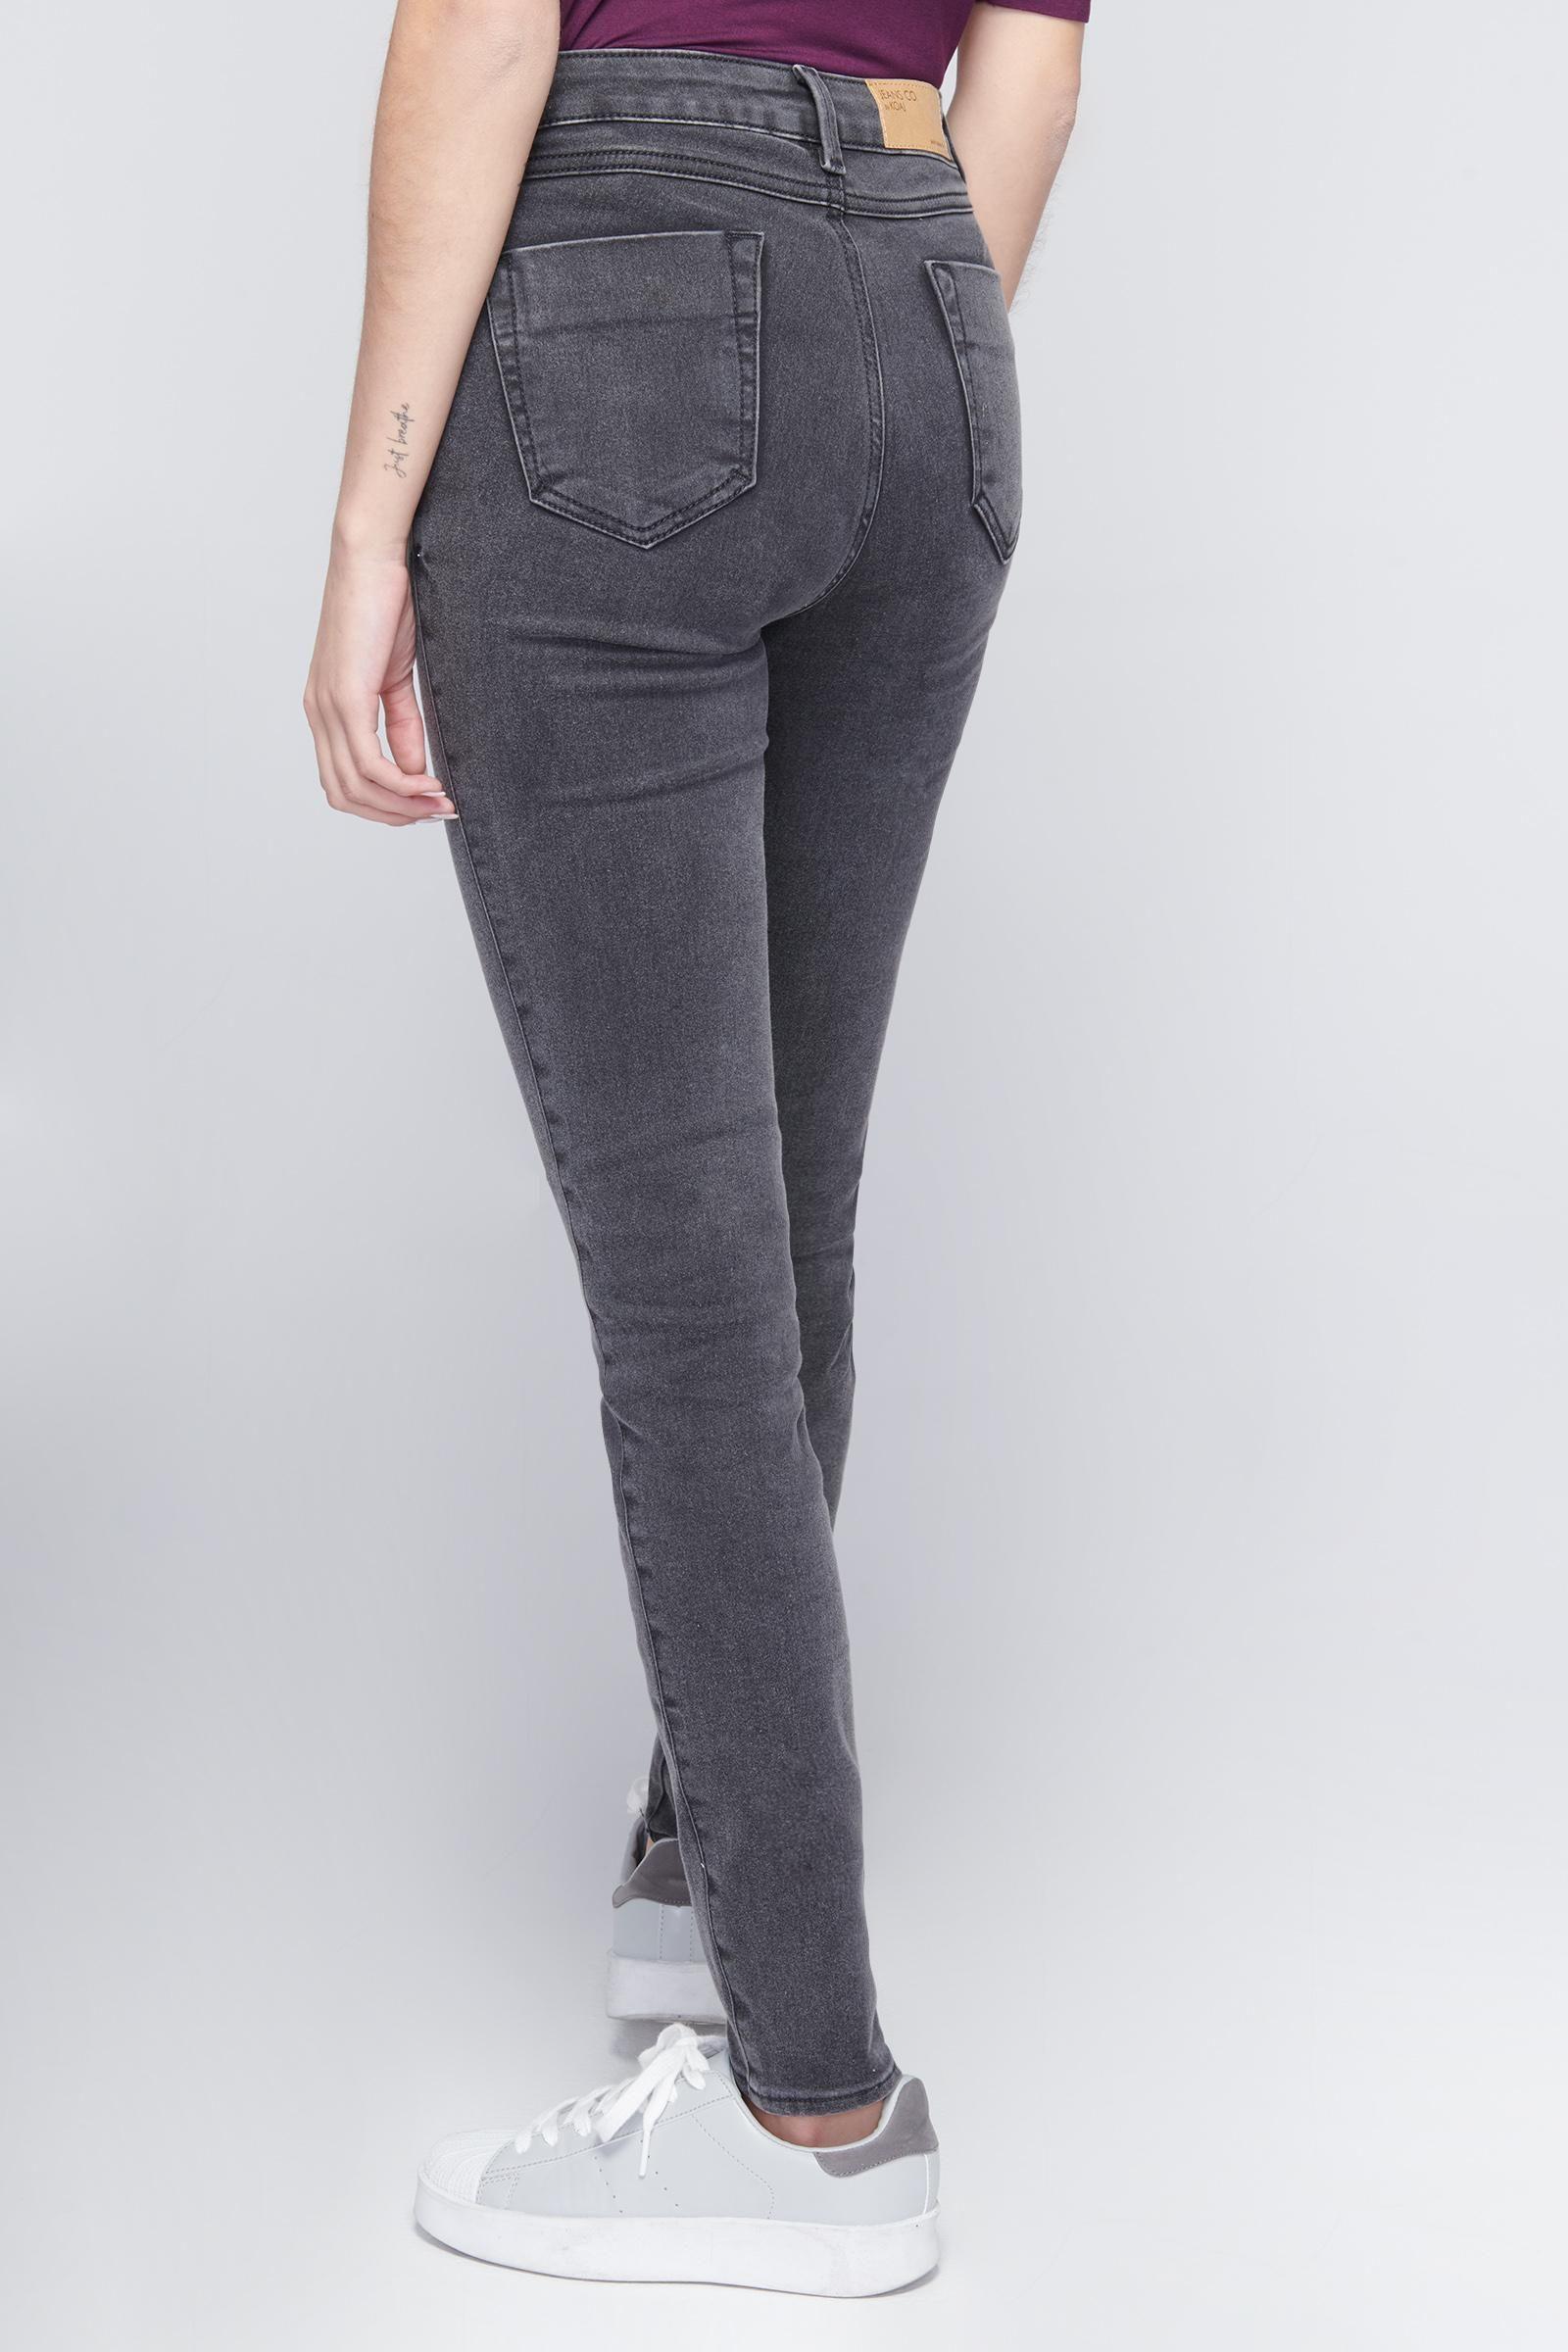 fca6f41e528 Basic-PANTALON KOAJ JEAN JEGGING TA 15 2/18 | lavados | Pantalones ...